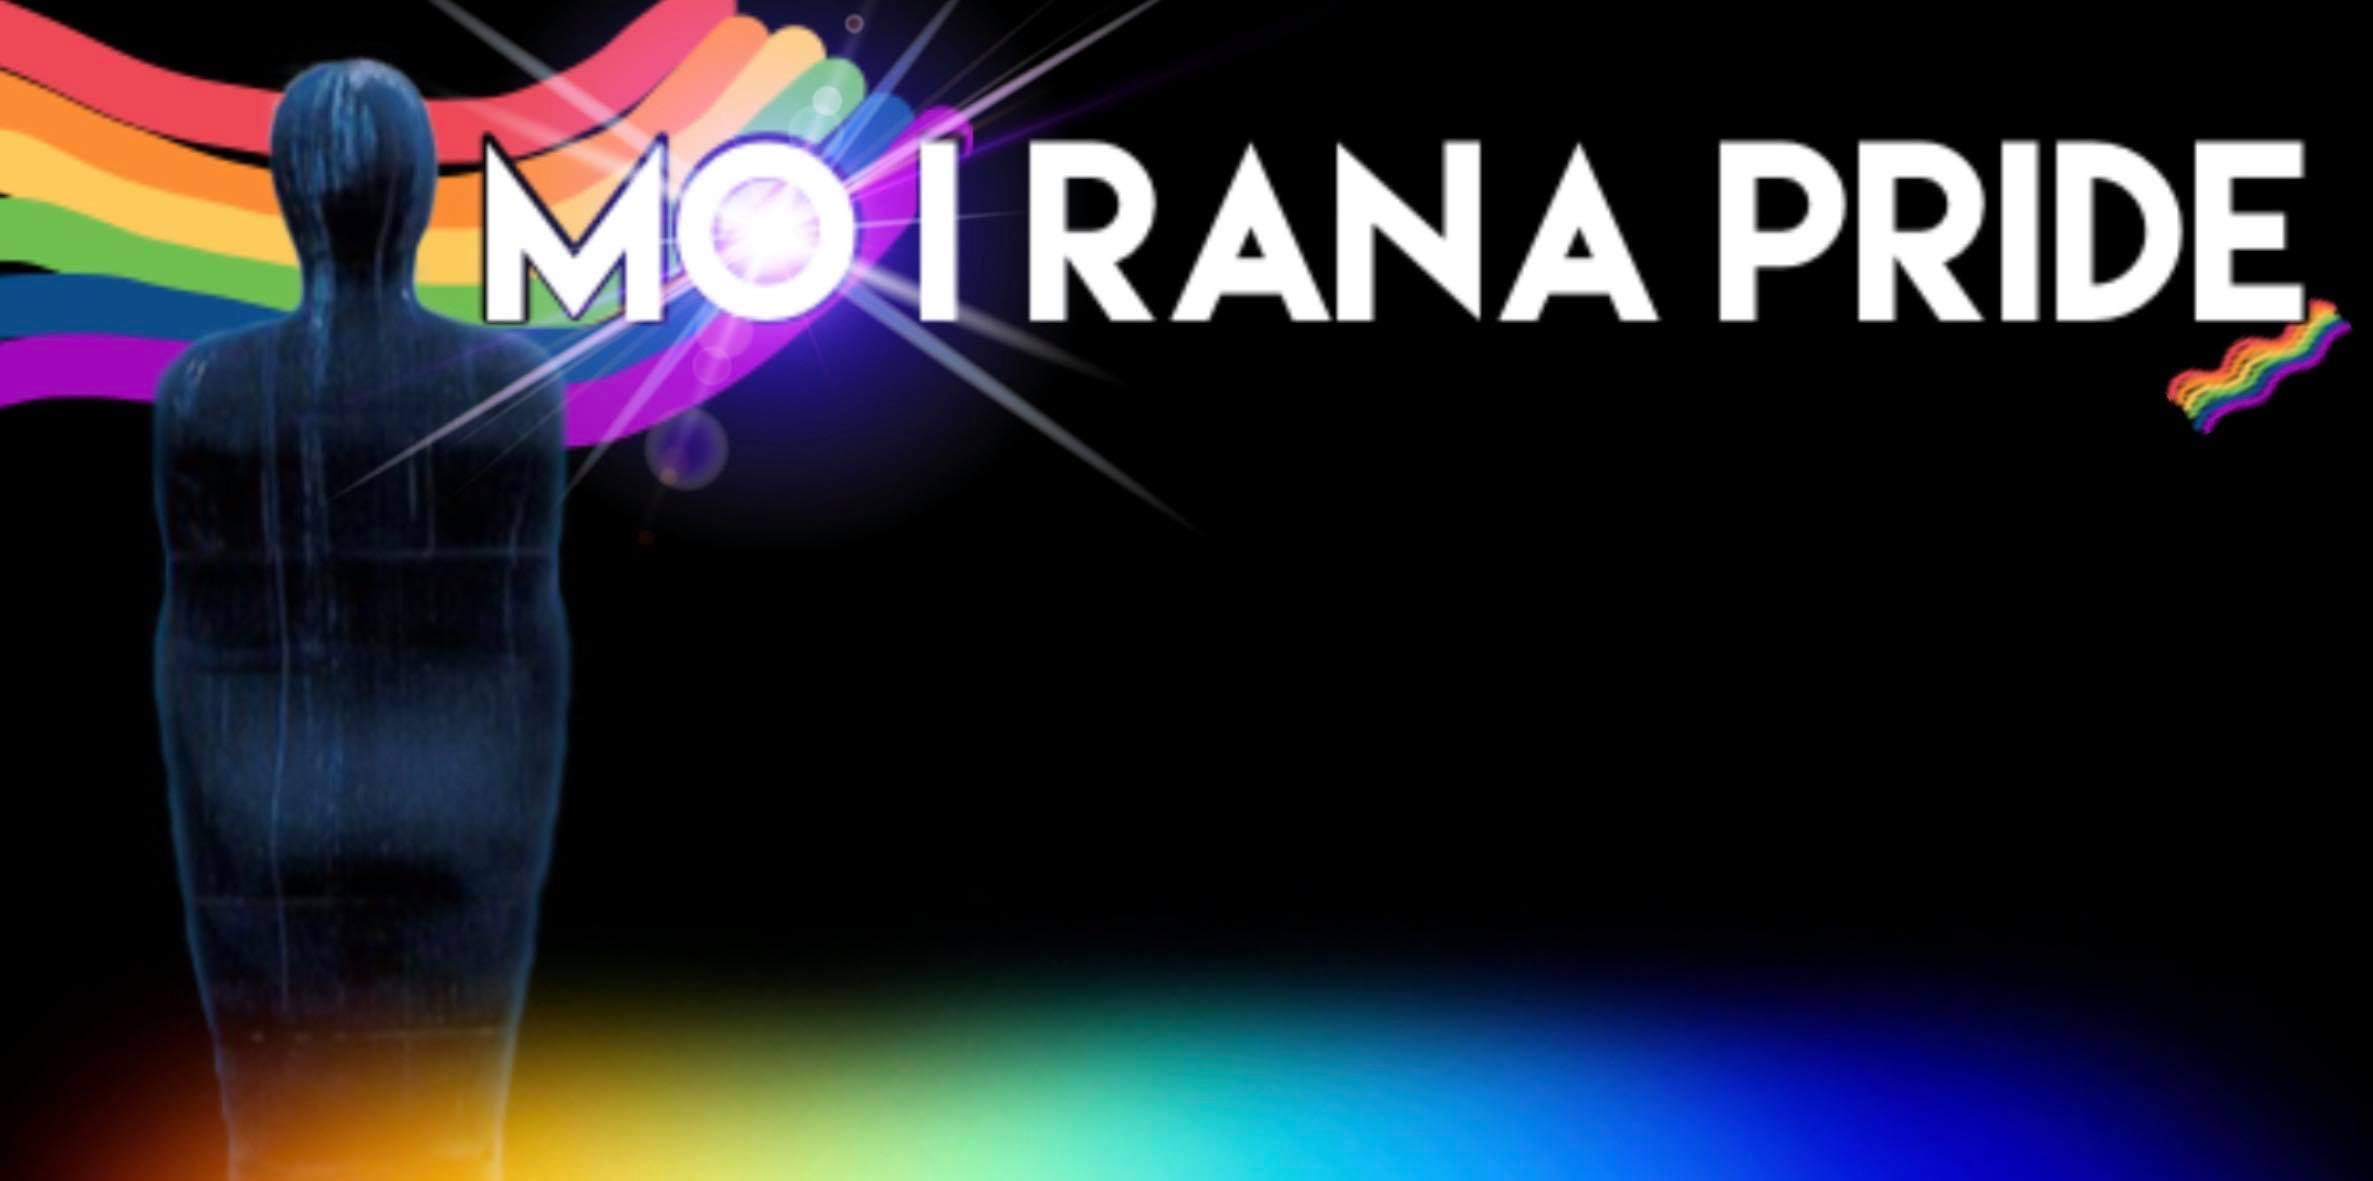 Mo i Rana Pride 2021